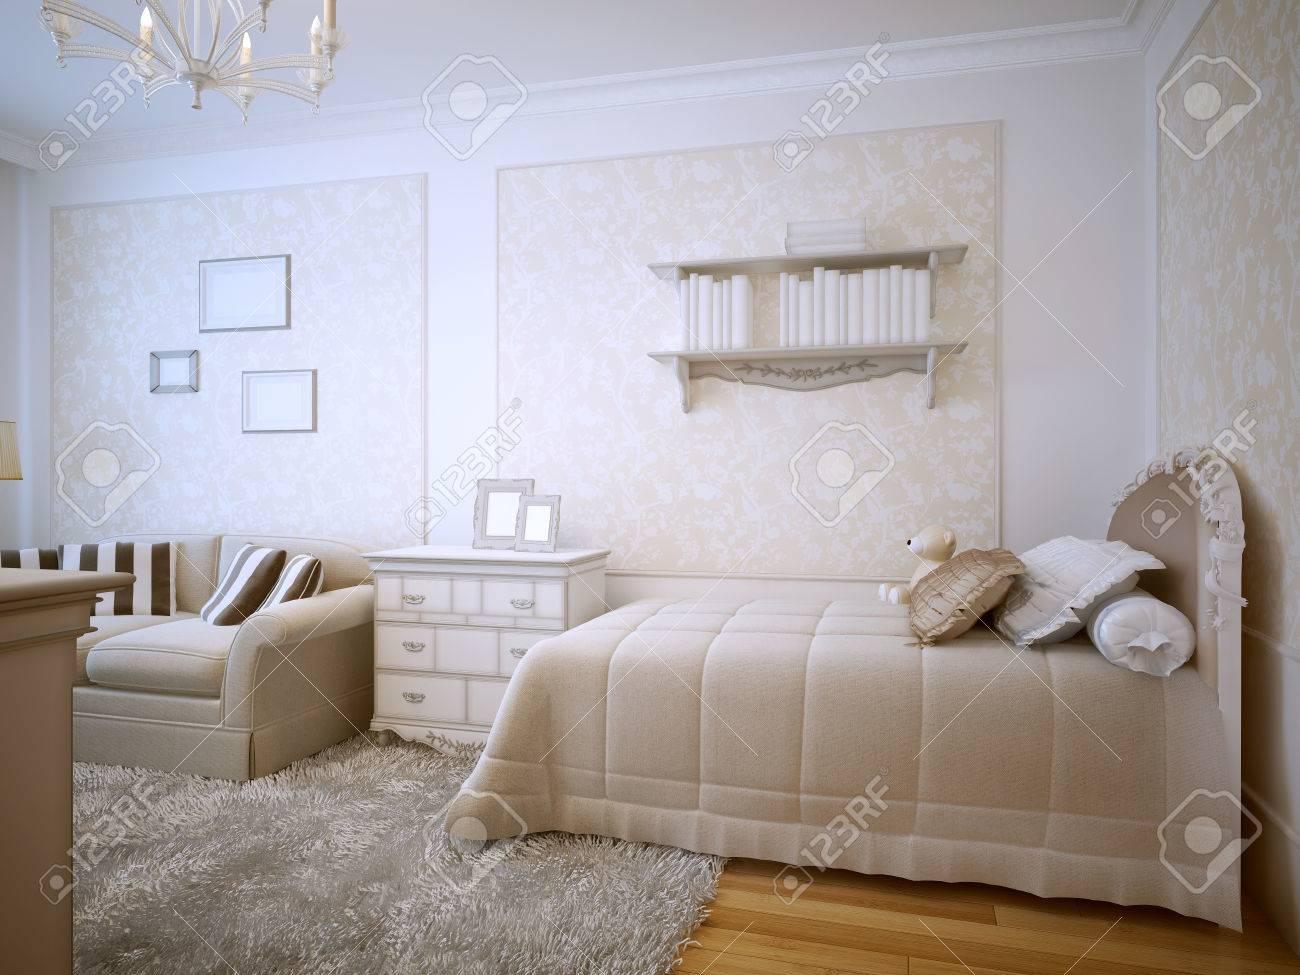 camera da letto di lusso dal design classico. condito con un letto ... - Cuscini Camera Da Letto